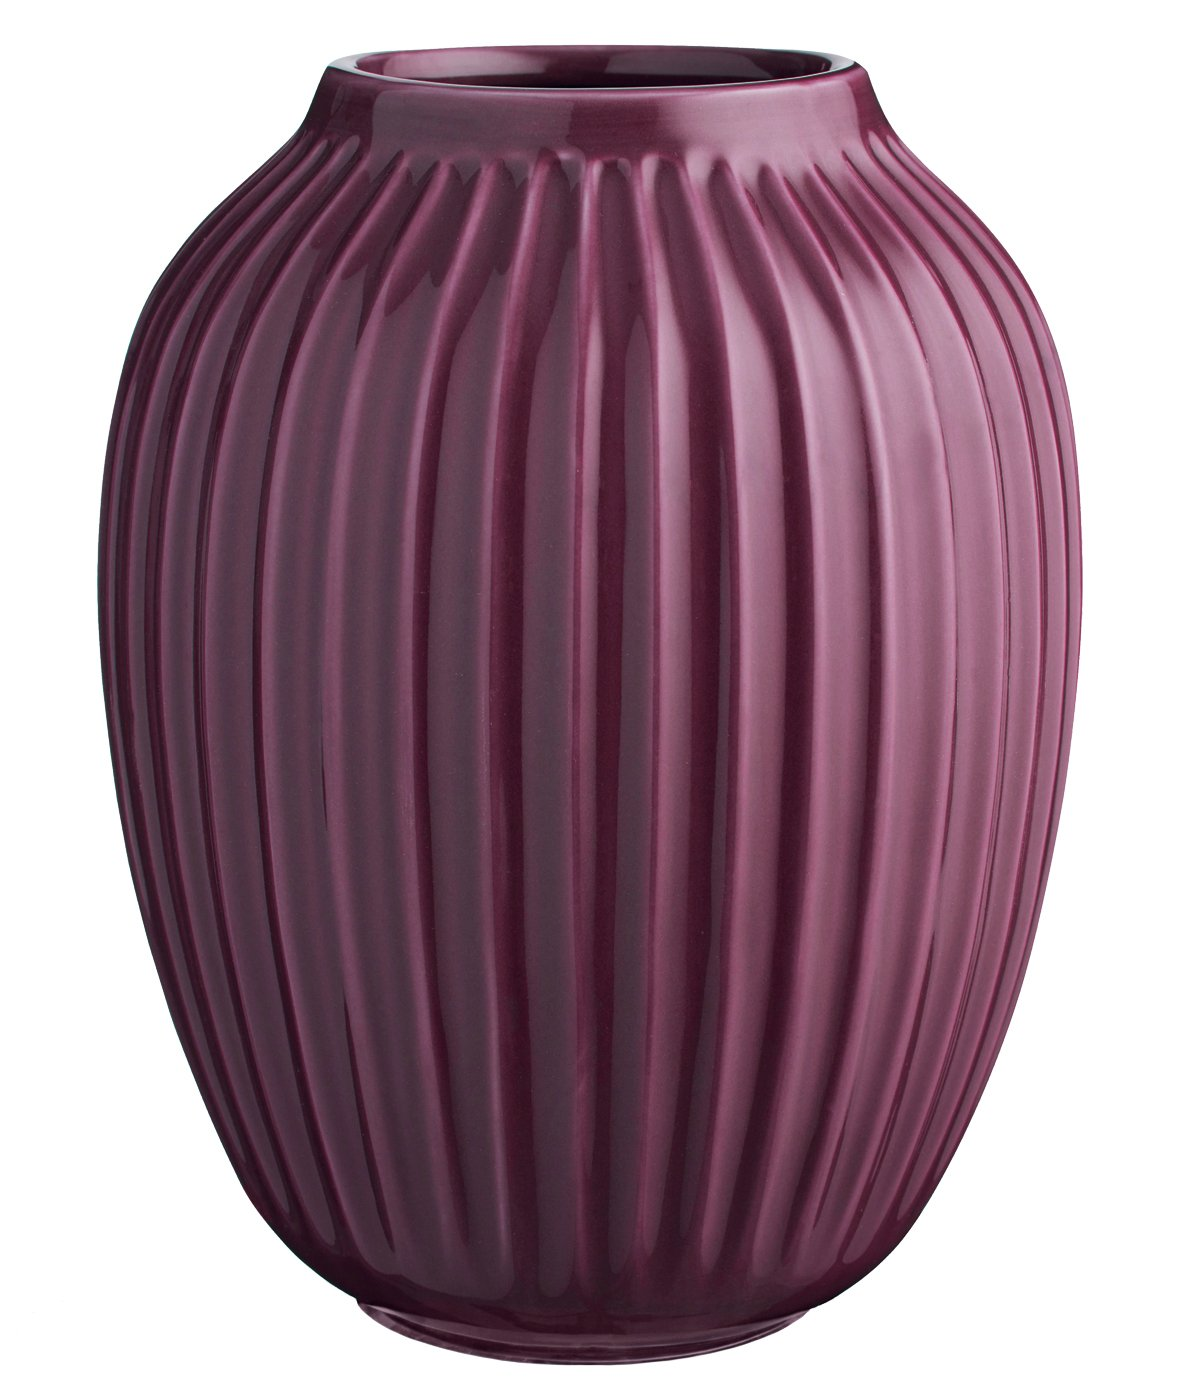 Kähler Hammershøi Vase H250 Plum